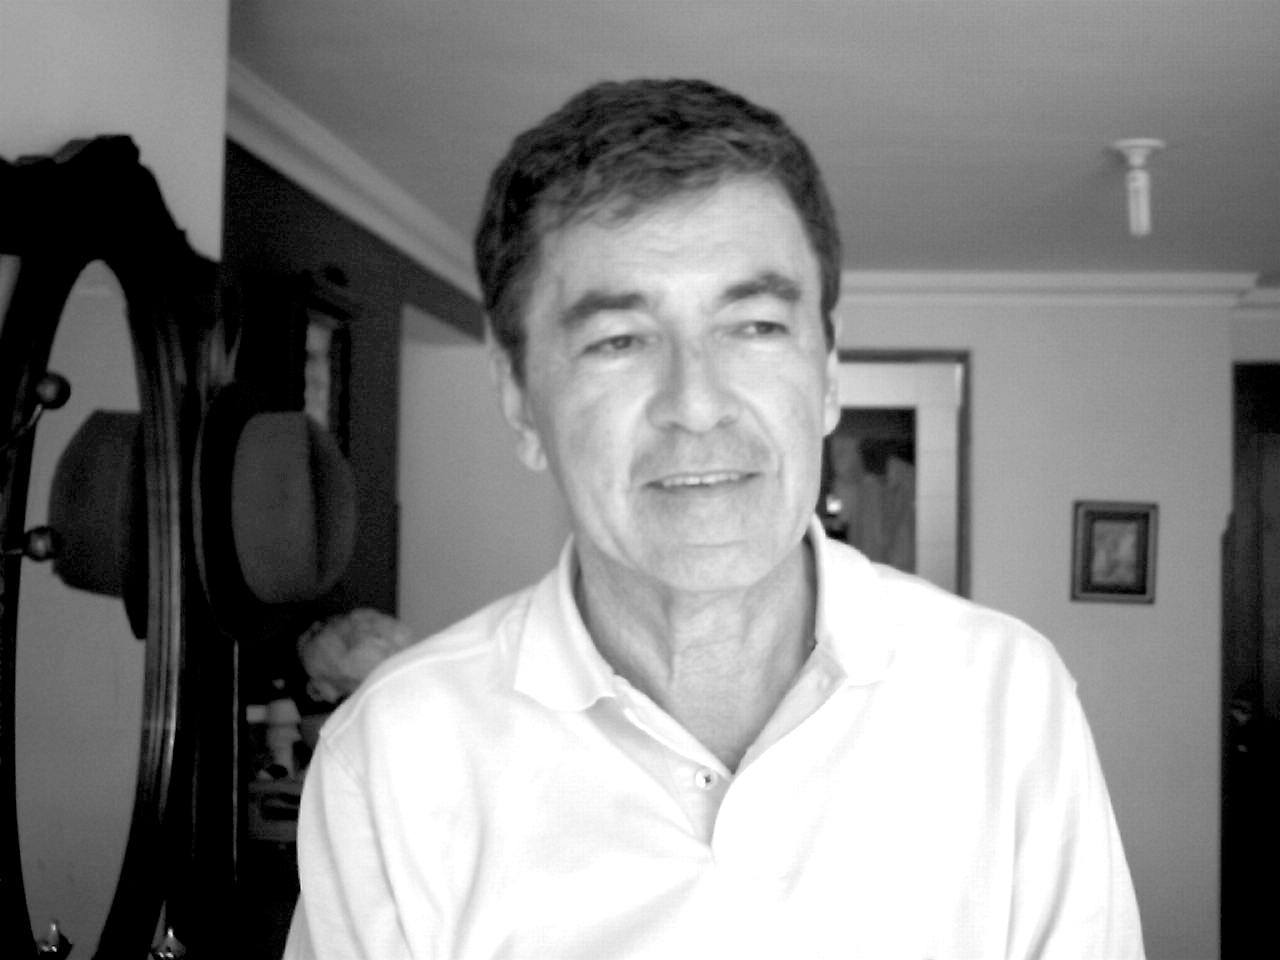 Más ideas y menos capuchas en las universidades Por: Tarcisio Leal García  | EL FRENTE